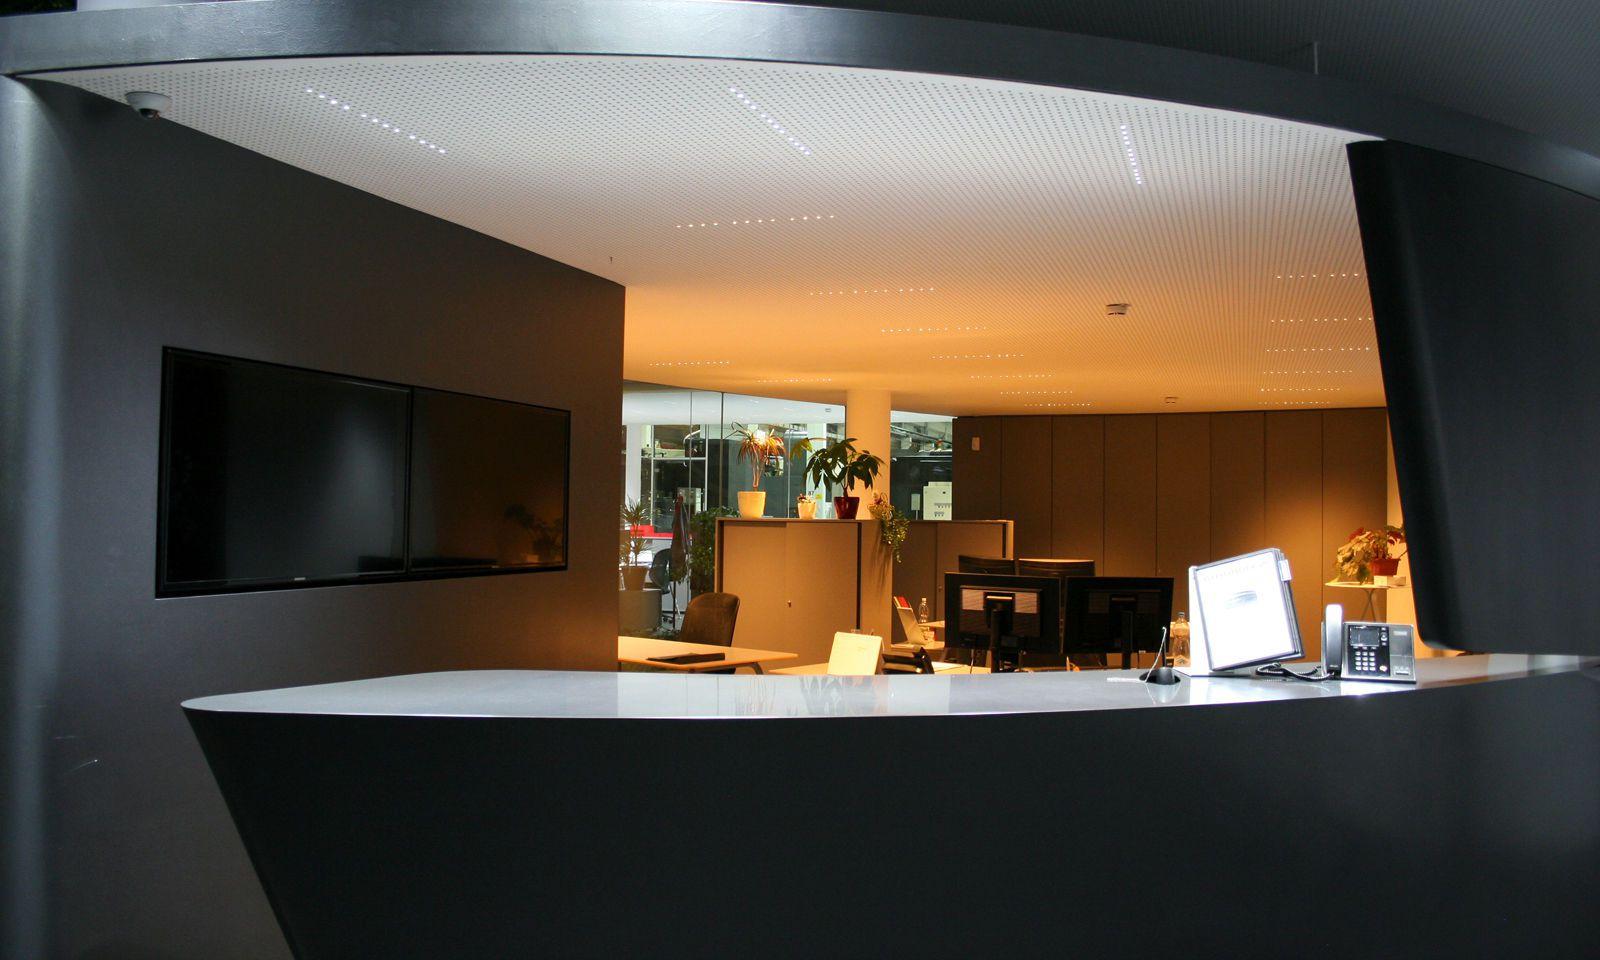 Gut für die innere Uhr: Tageszeiten auch in Innenräumen erlebbar machen (Entwurf von Bartenbach Lichtdesgin).